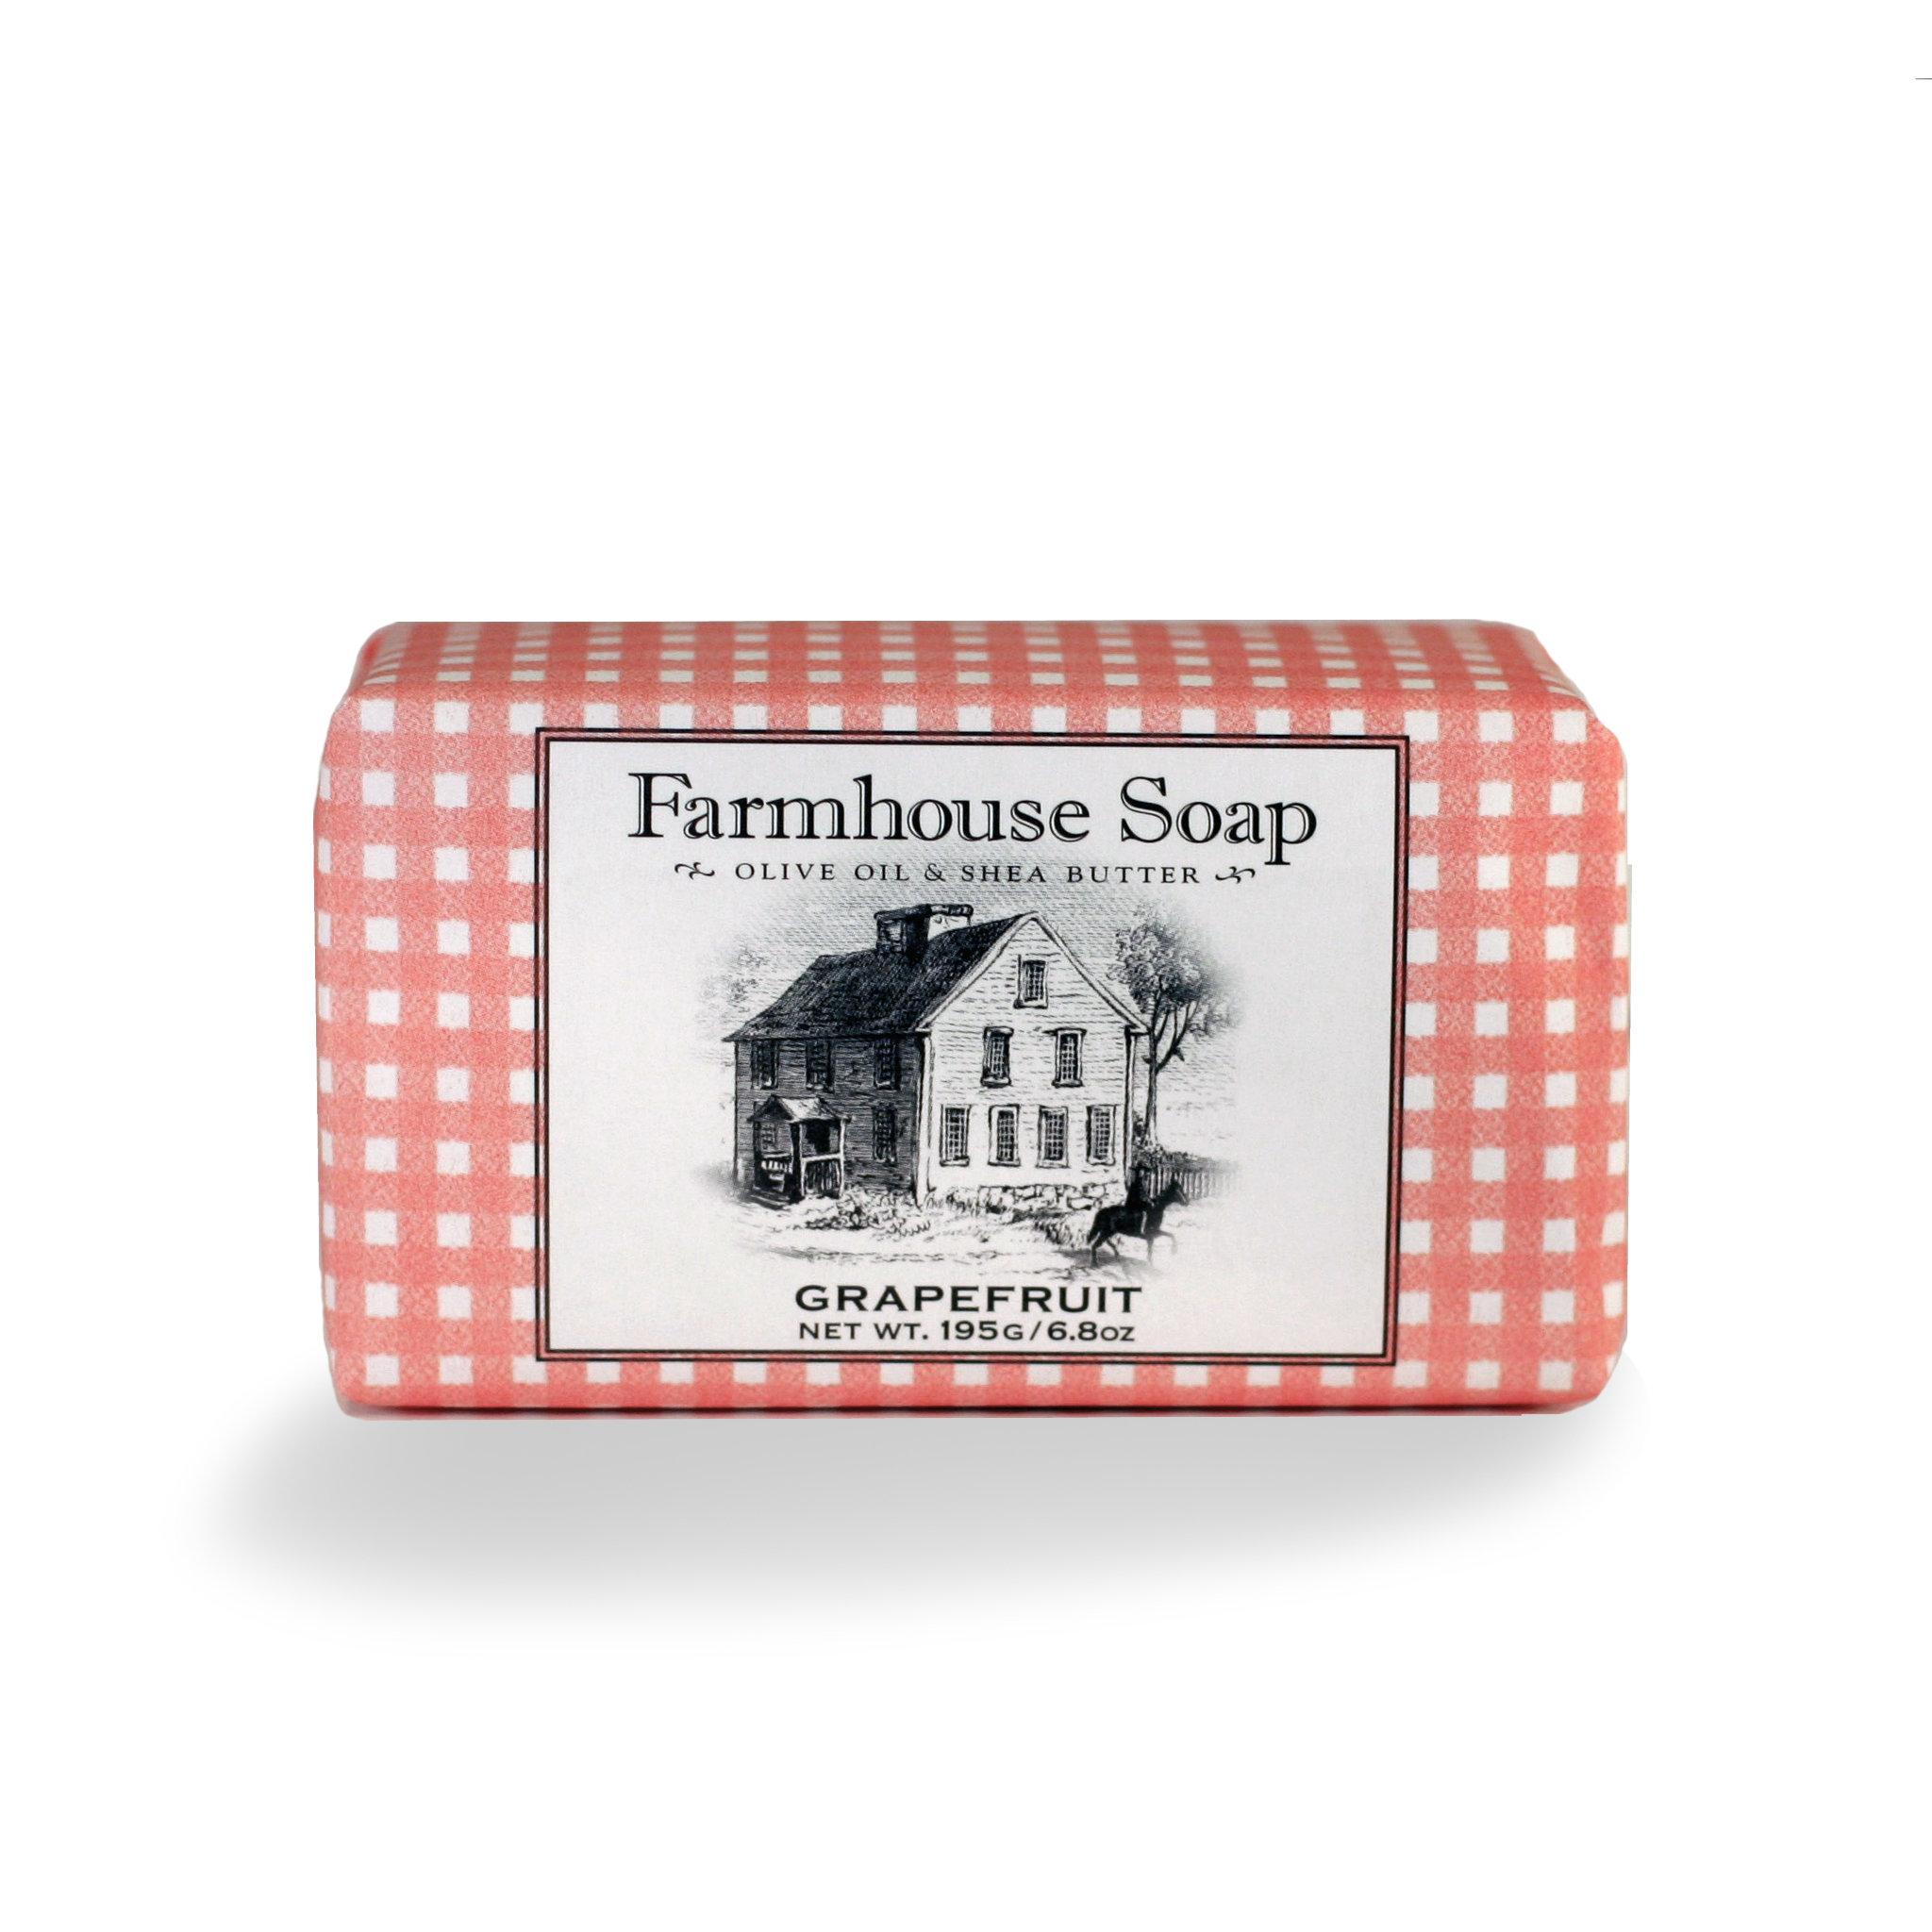 Farmhouse Grapefruit Soap Bar 4G804Y70V3SWR